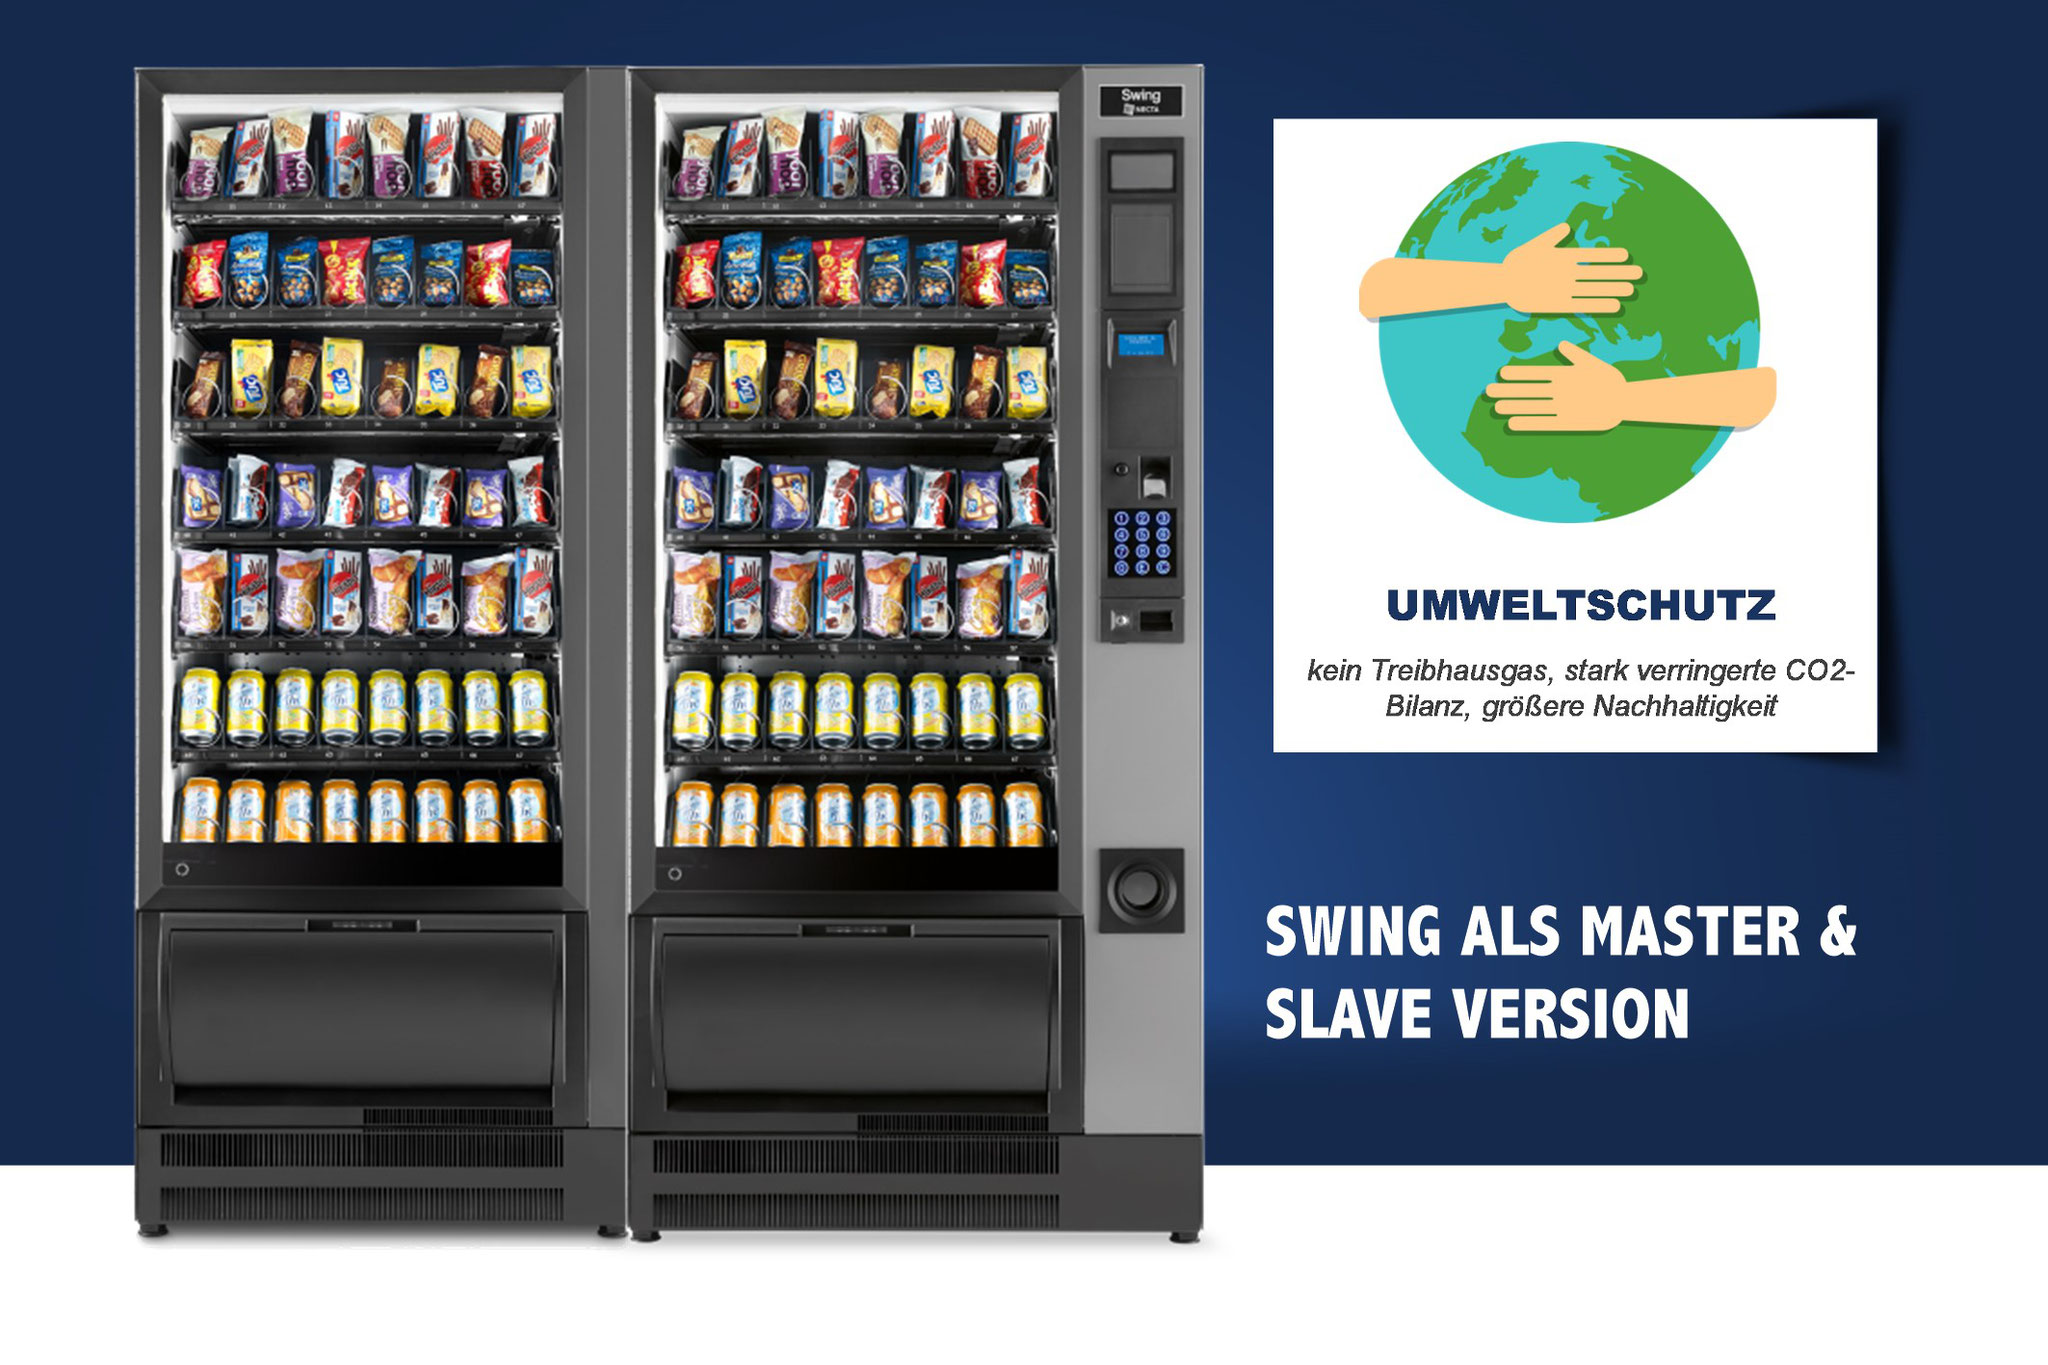 Automatenkombination mit Swing als Master und Slave Version